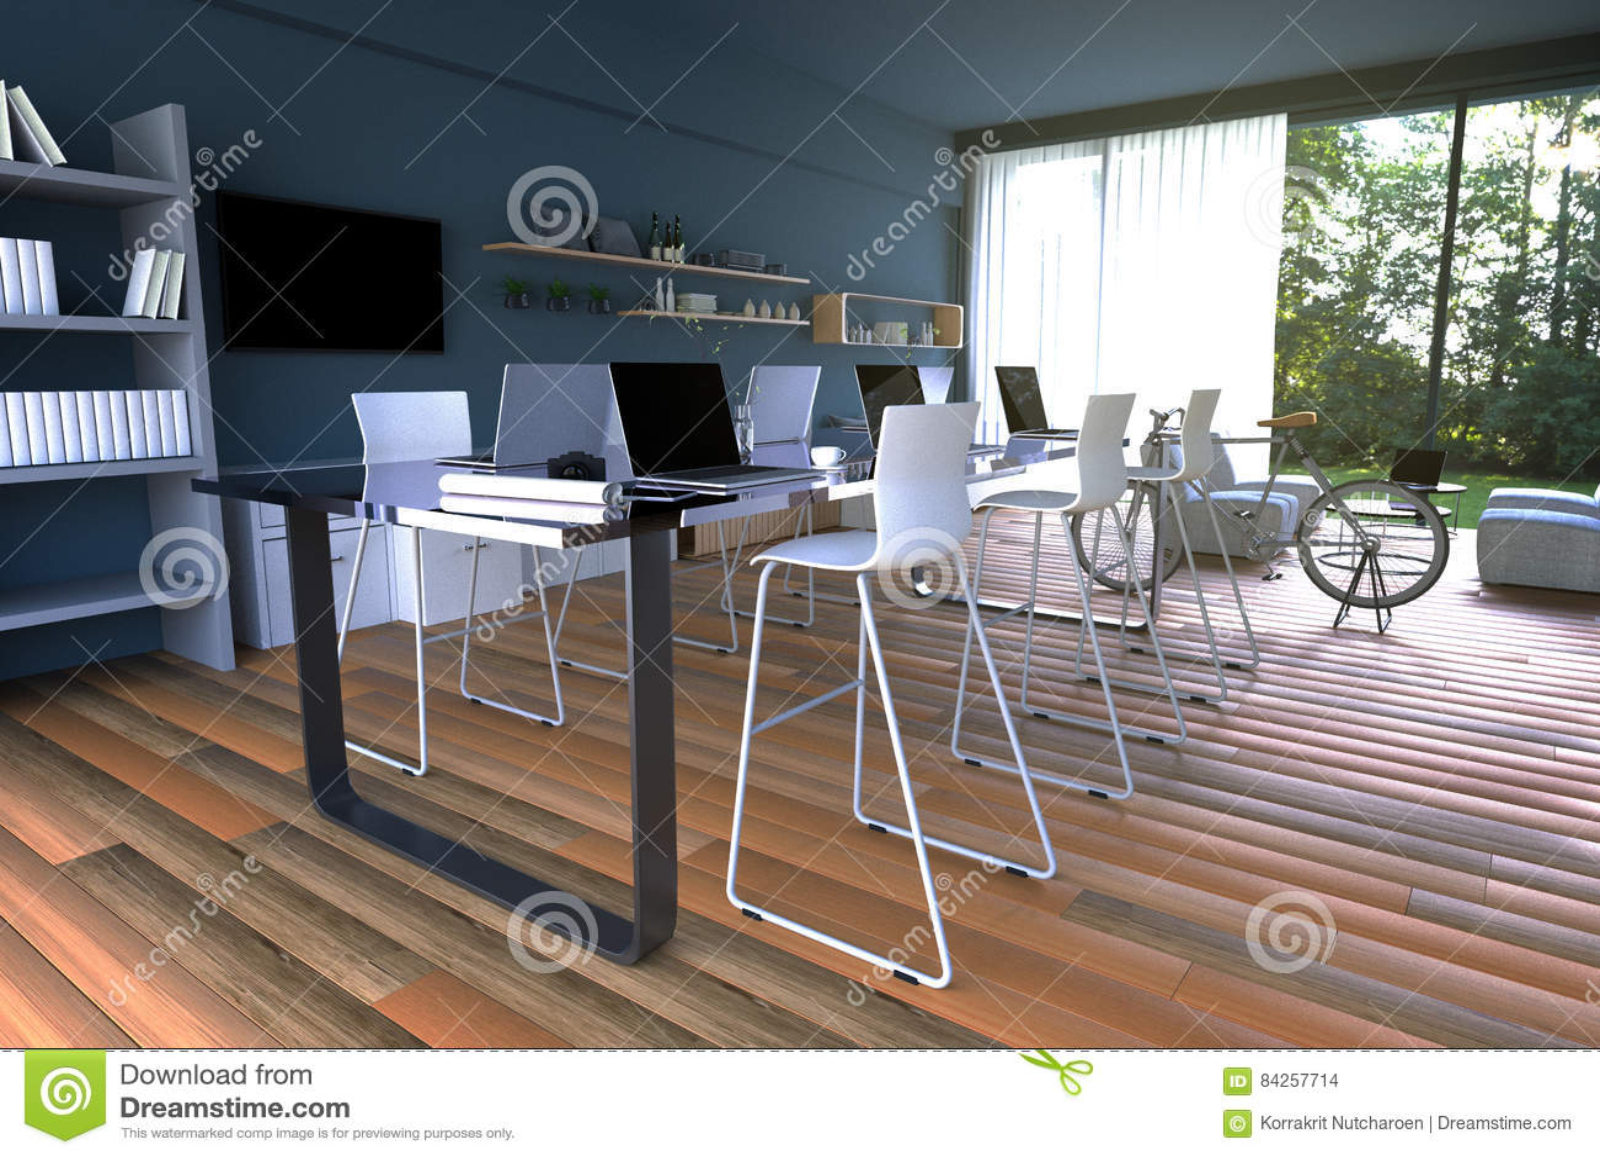 Site Internet Decoration Intérieure rendu 3d : illustration d'intérieur de décoration de café de